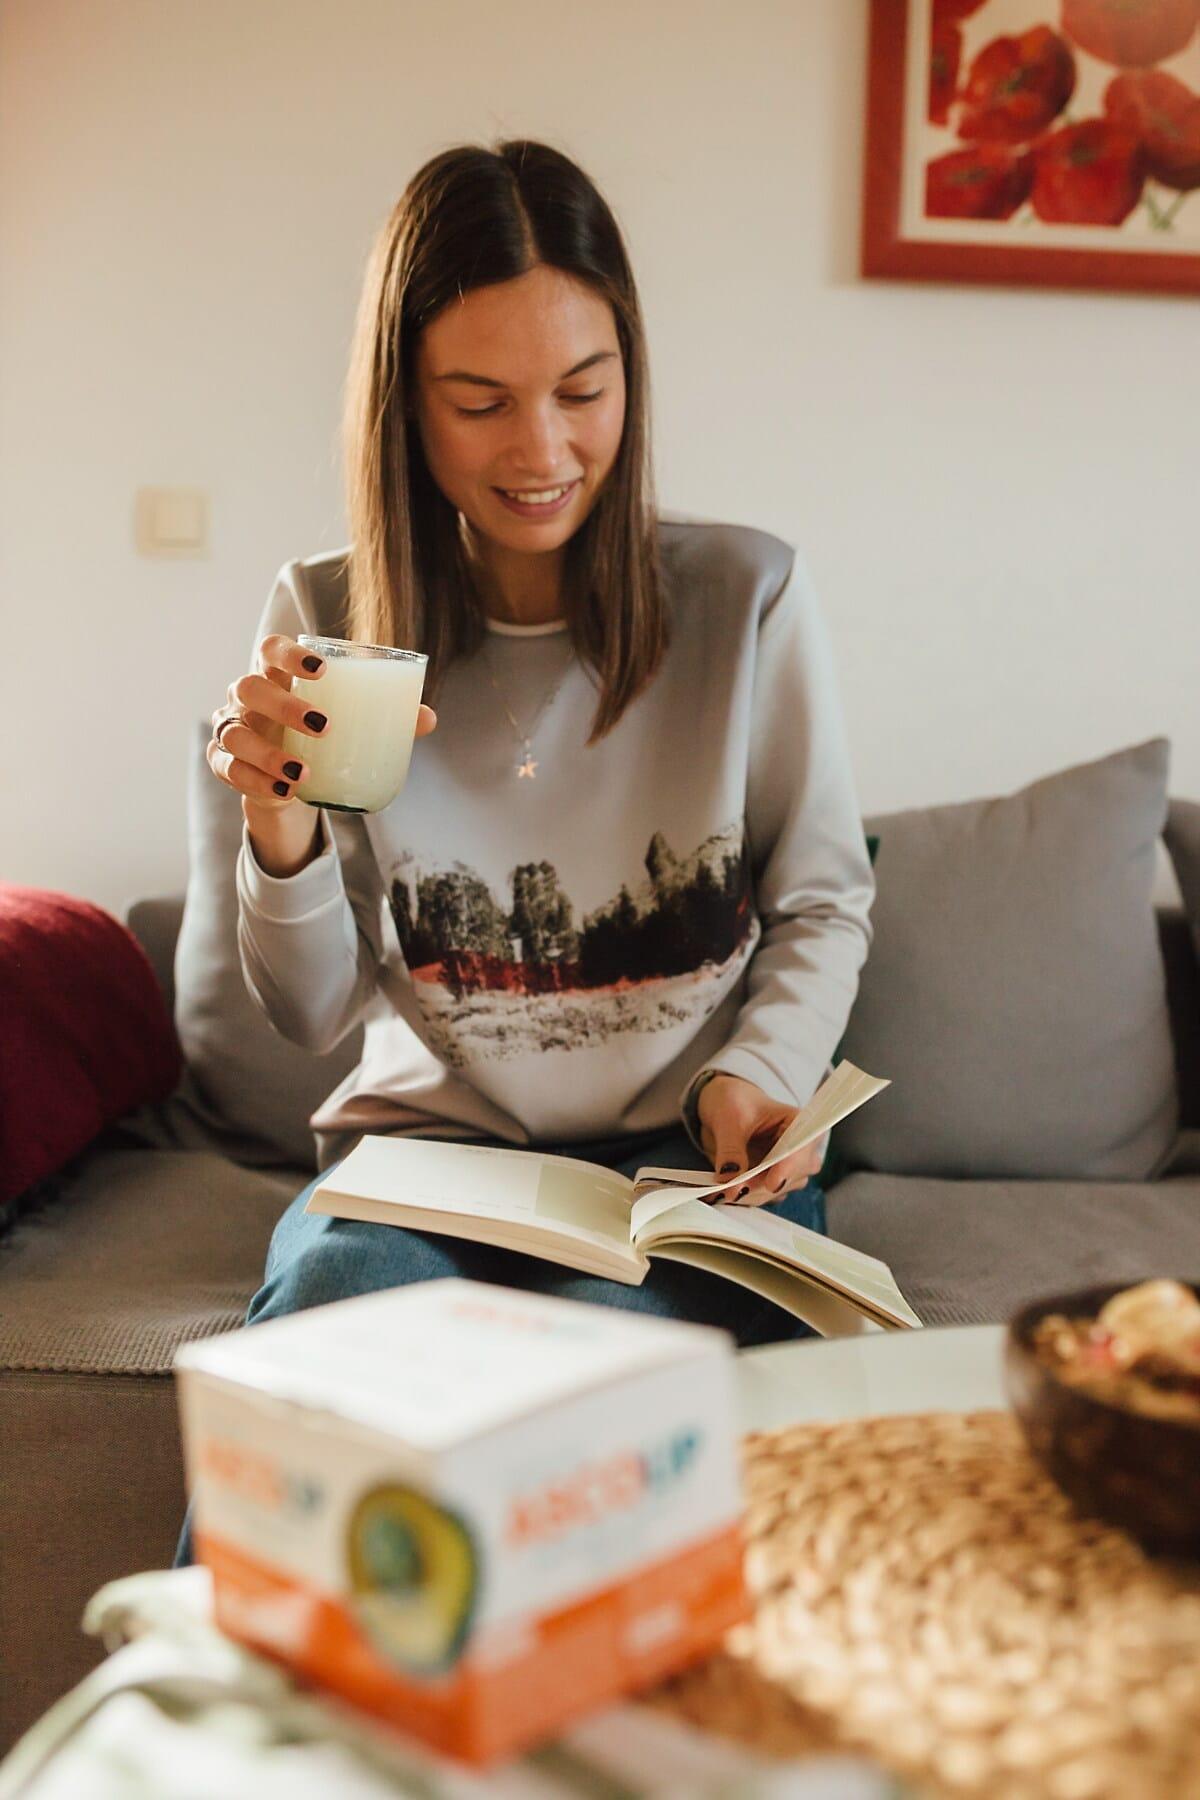 Jolie fille, Brunette, limonade, consommation d'alcool, boisson, livre, lecture, à l'intérieur, femme, aube